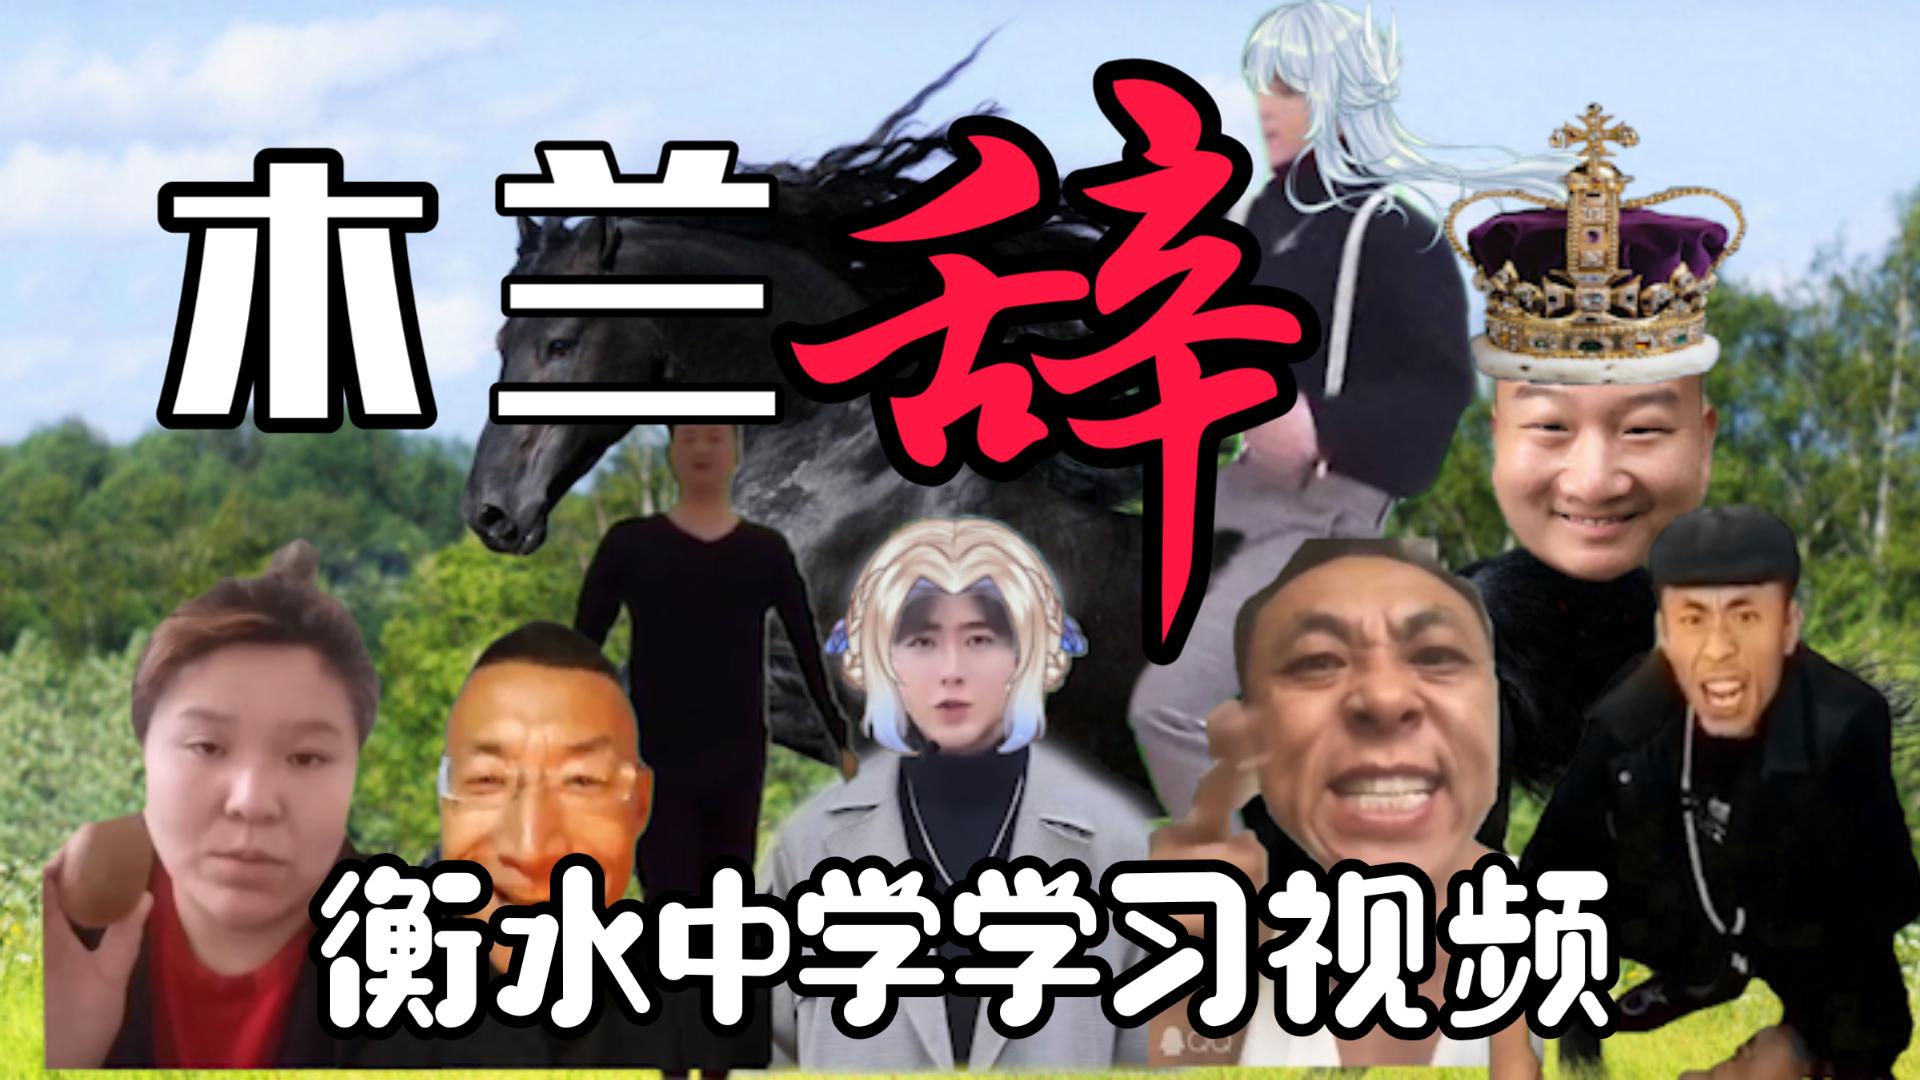 木 兰 诗 (衡 水 中 学 教 学 视 频 流 出)